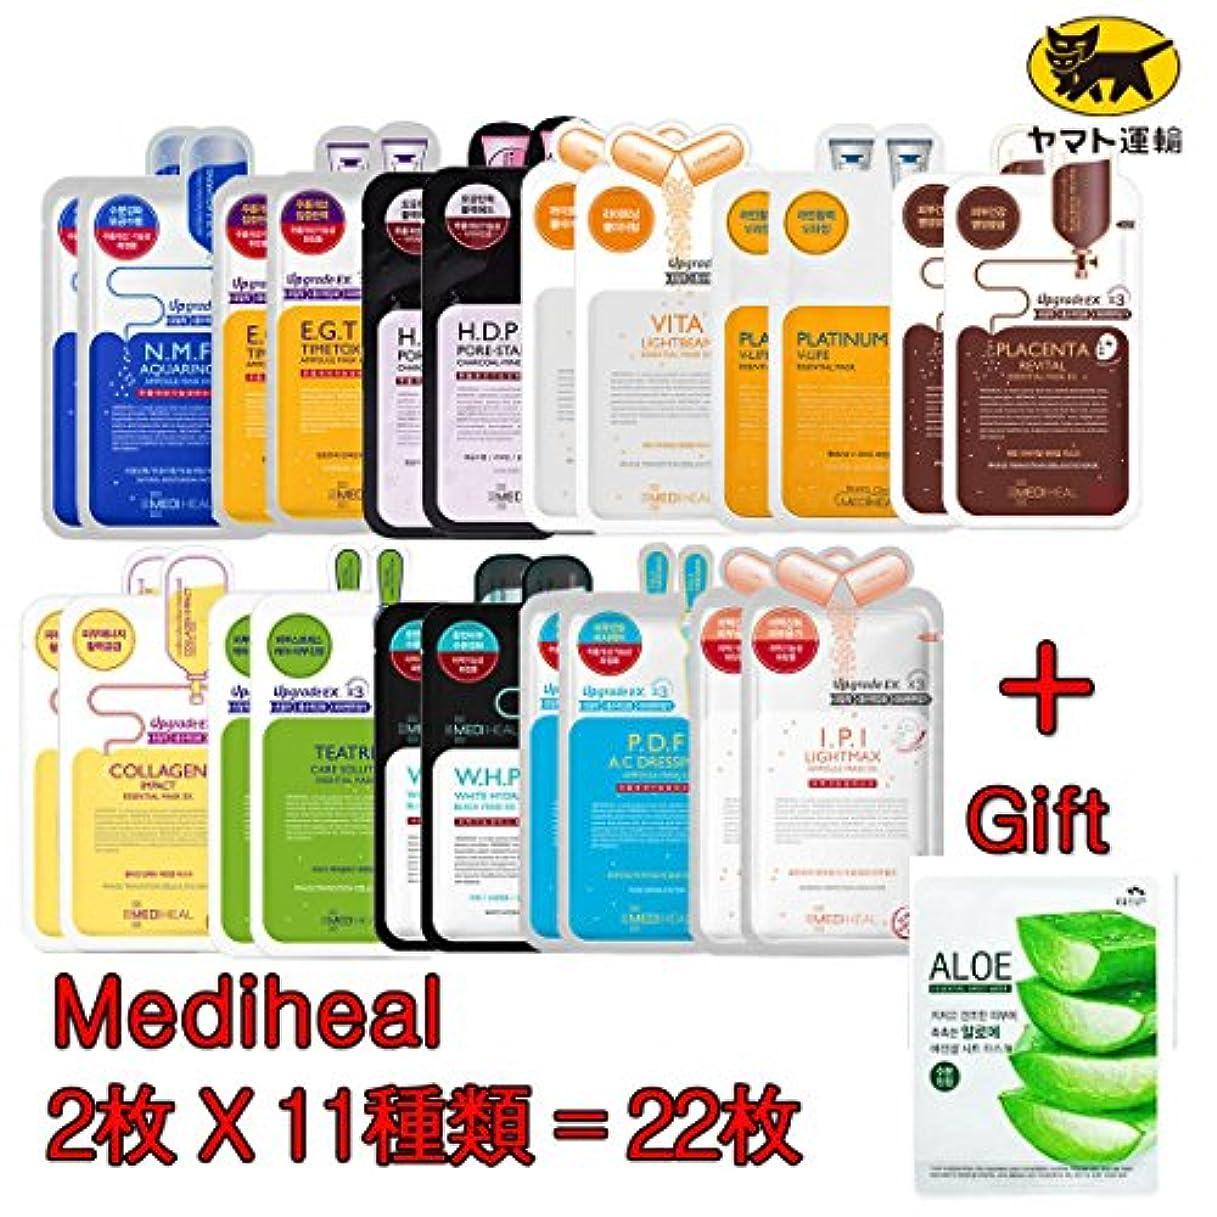 ぜいたく違う味付けメディヒール(Mediheal) 11種類 X 各2枚ずつ = 全22枚 + Aloe Mask Pack